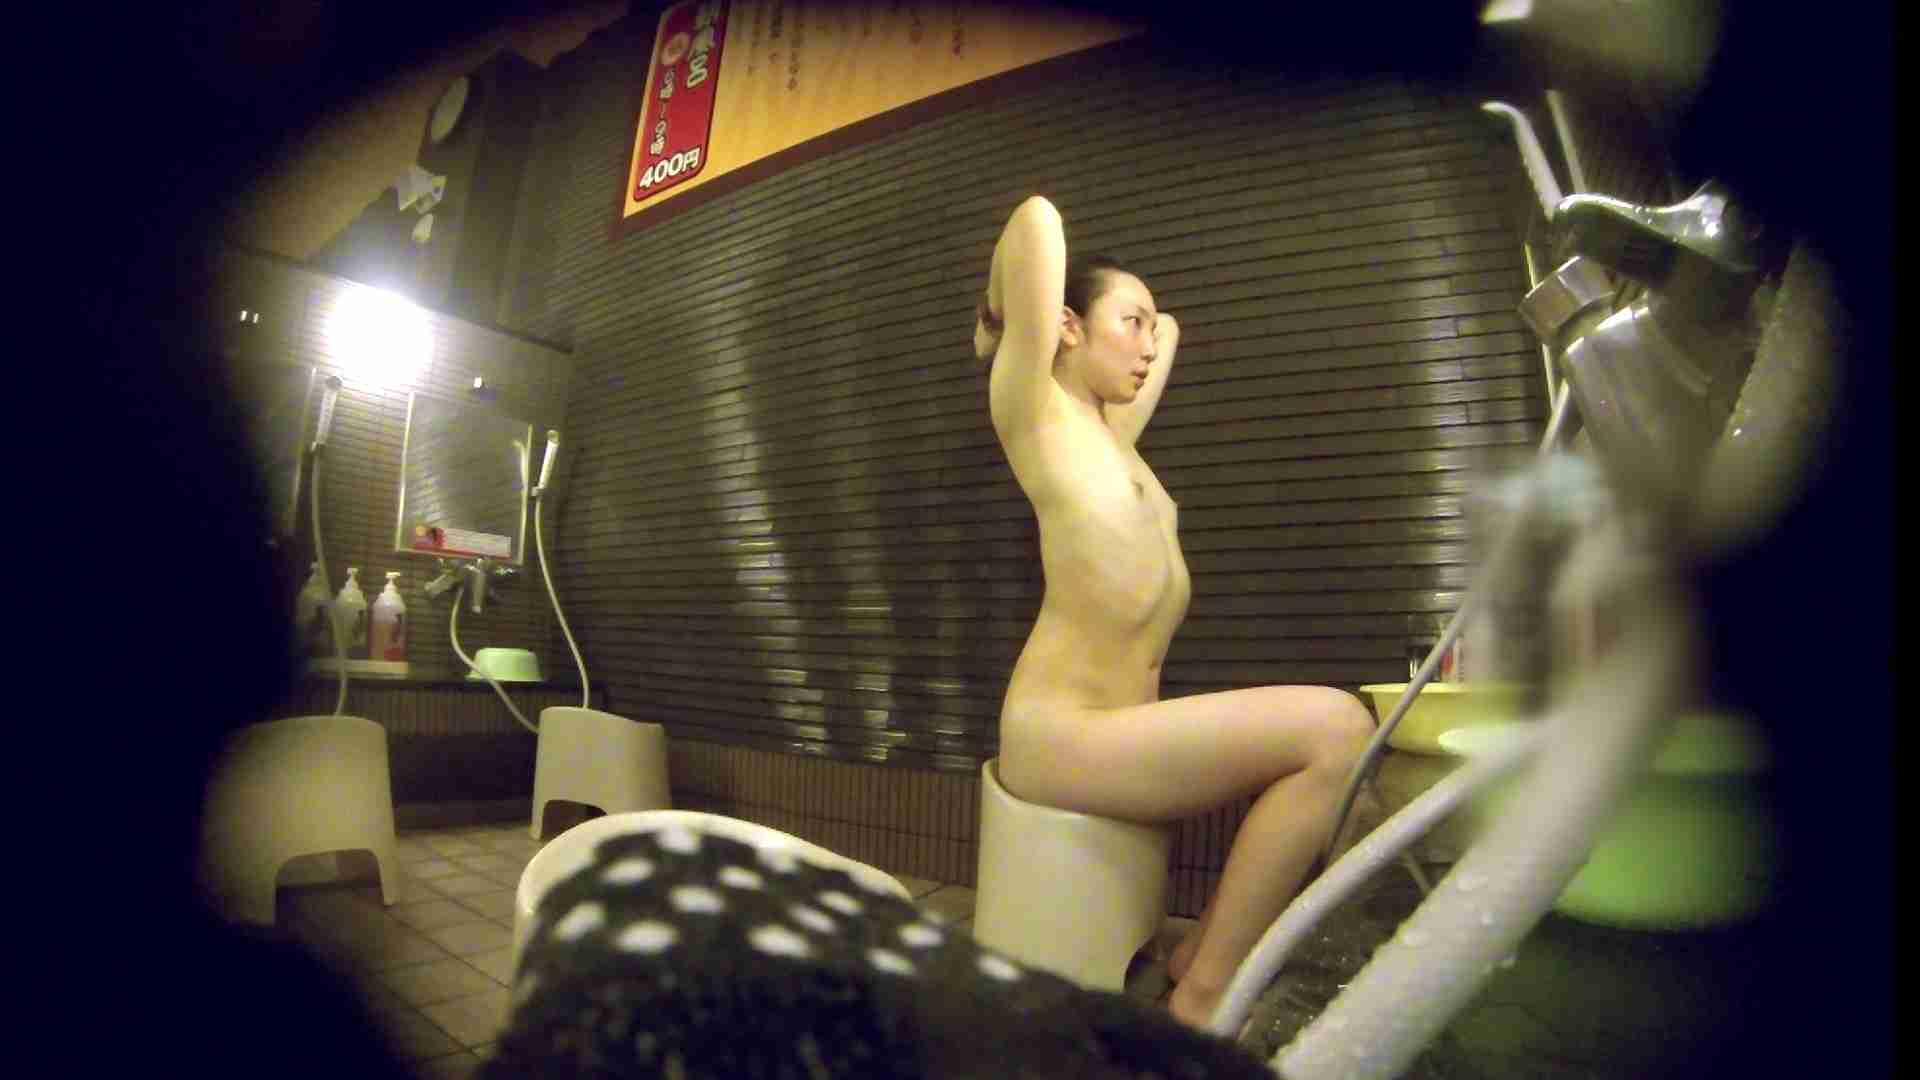 洗い場!清楚っぷりと貧乳っぷりが良いです。 細身女性 エロ画像 89画像 31